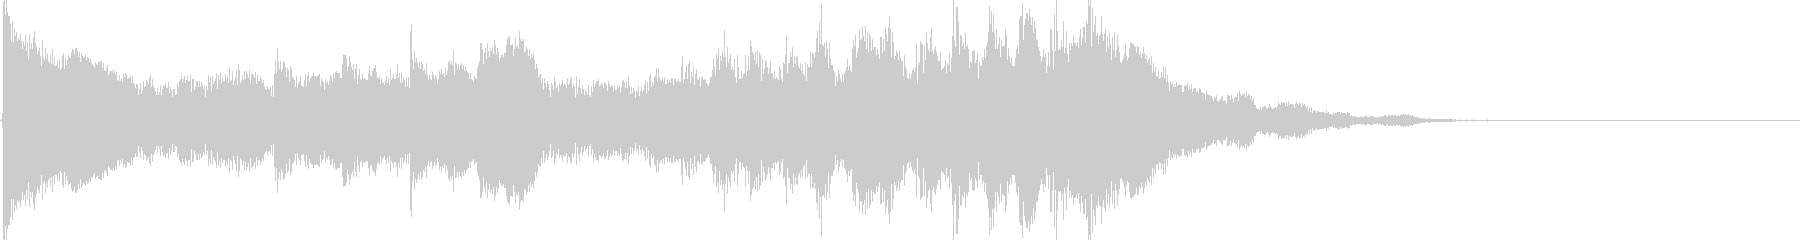 煌びやかなピアノ ジングル サウンドロゴの未再生の波形